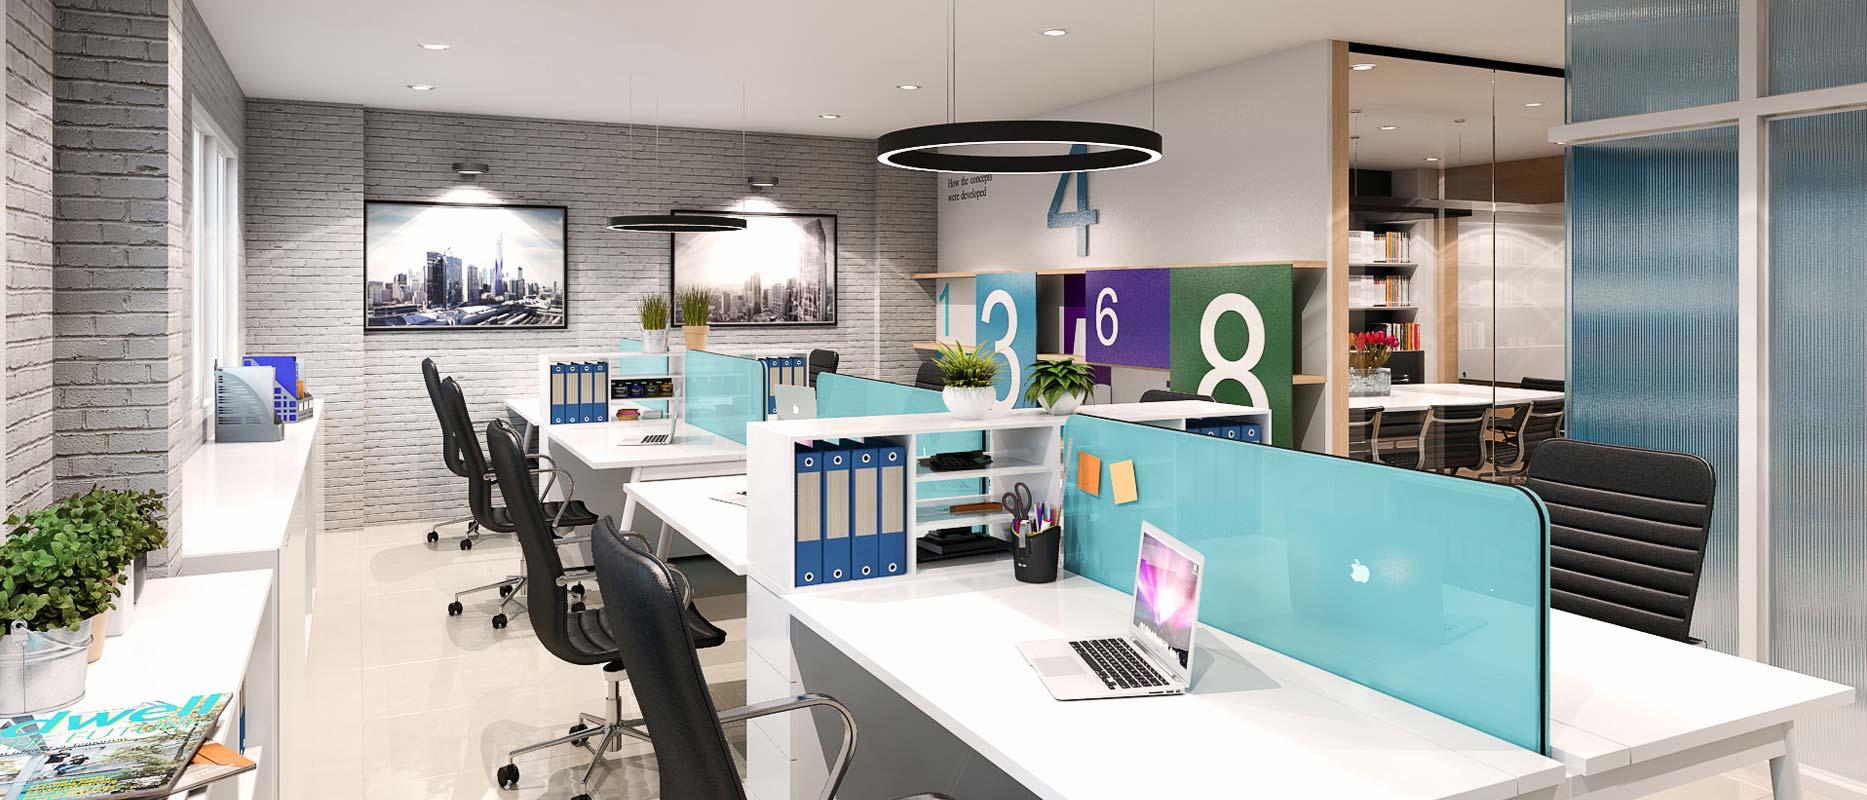 Công ty TNHH Nội Thất Unique Decor Top 5 đơn vị thi công nội thất văn phòng đẹp